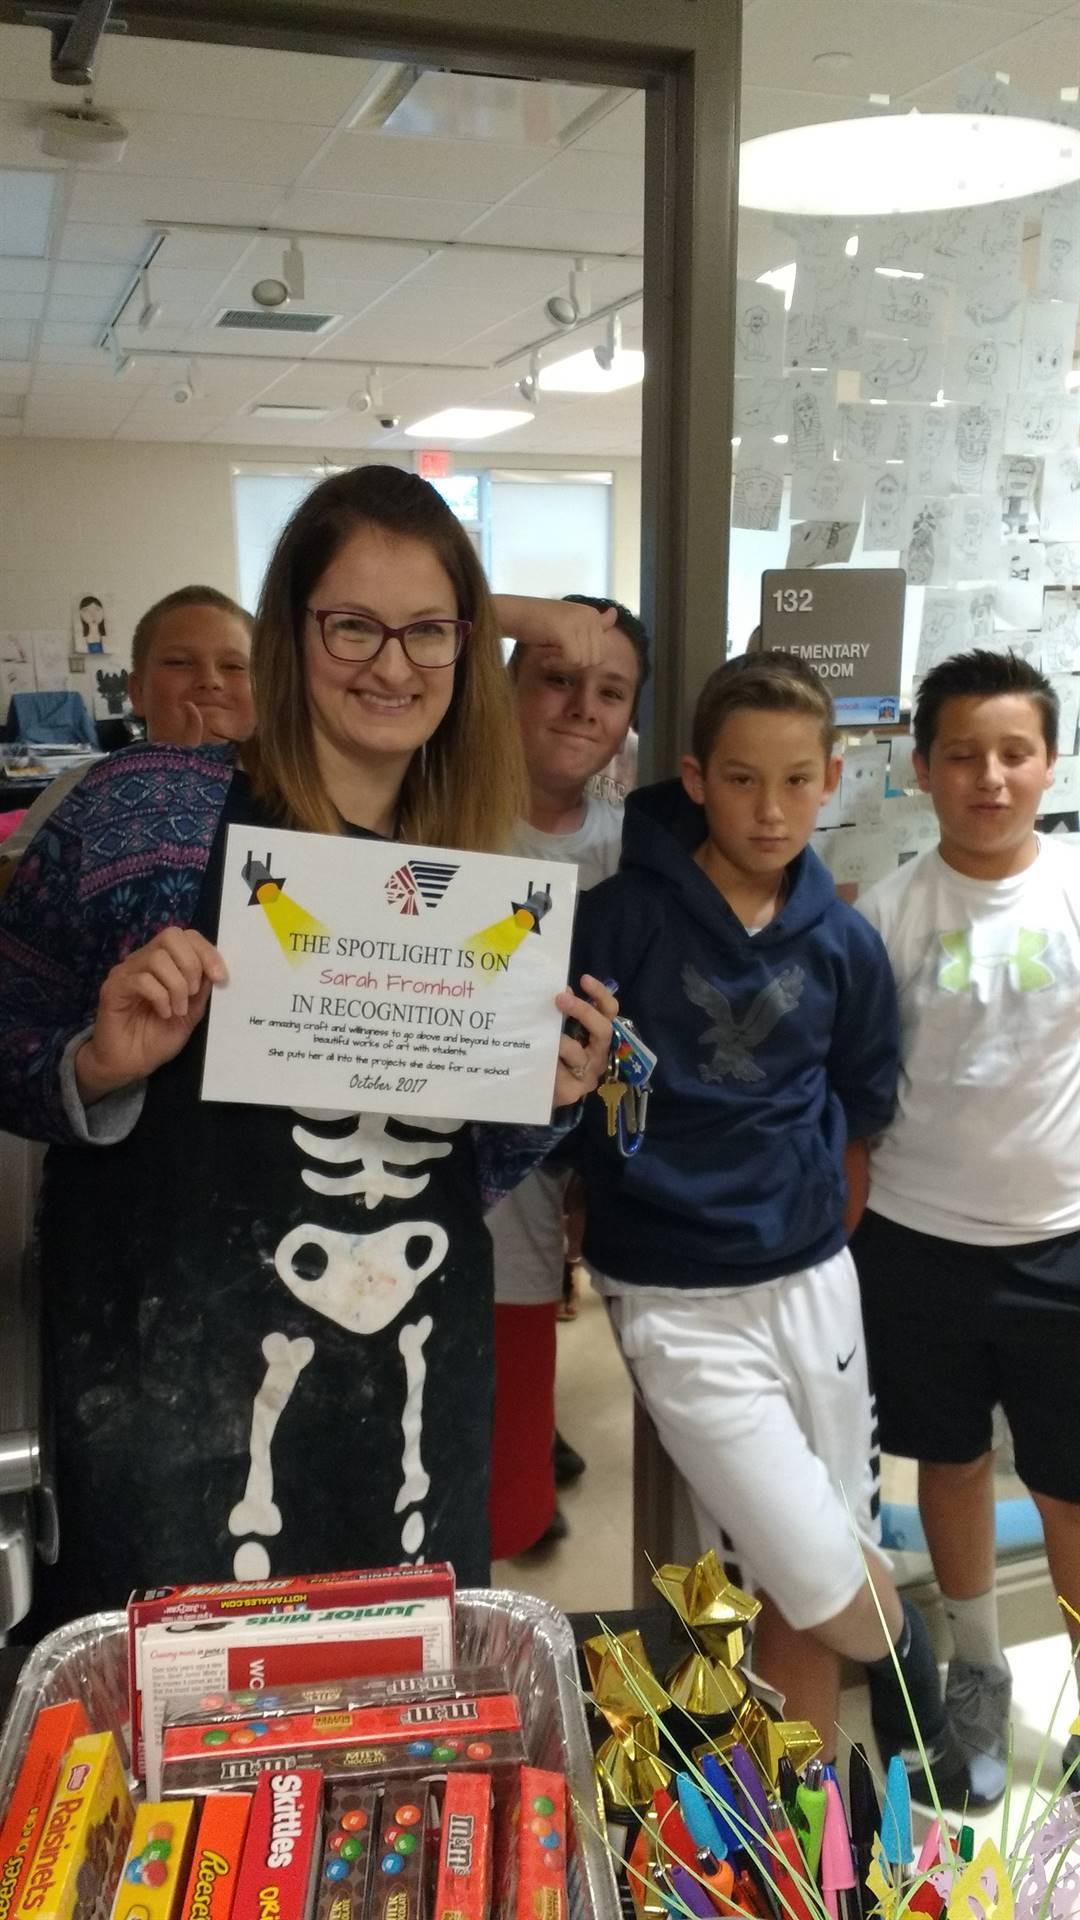 Mrs. Fromholt-October Staff Spotlight